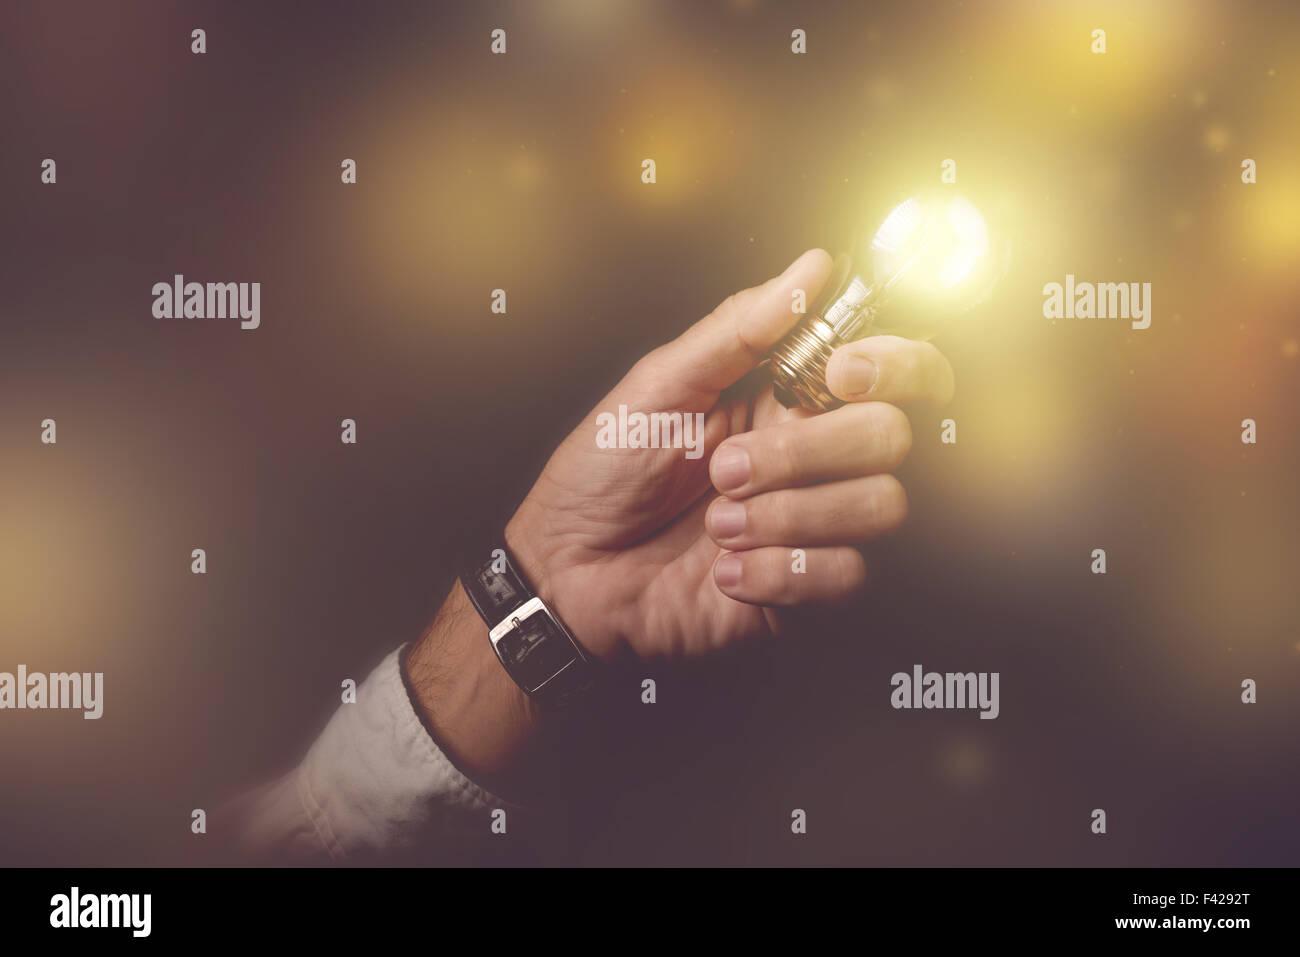 Großes Geschäft Idee visuelle Metapher, Geschäftsmann mit Glühbirne Blitz der dunklen Büro Stockbild